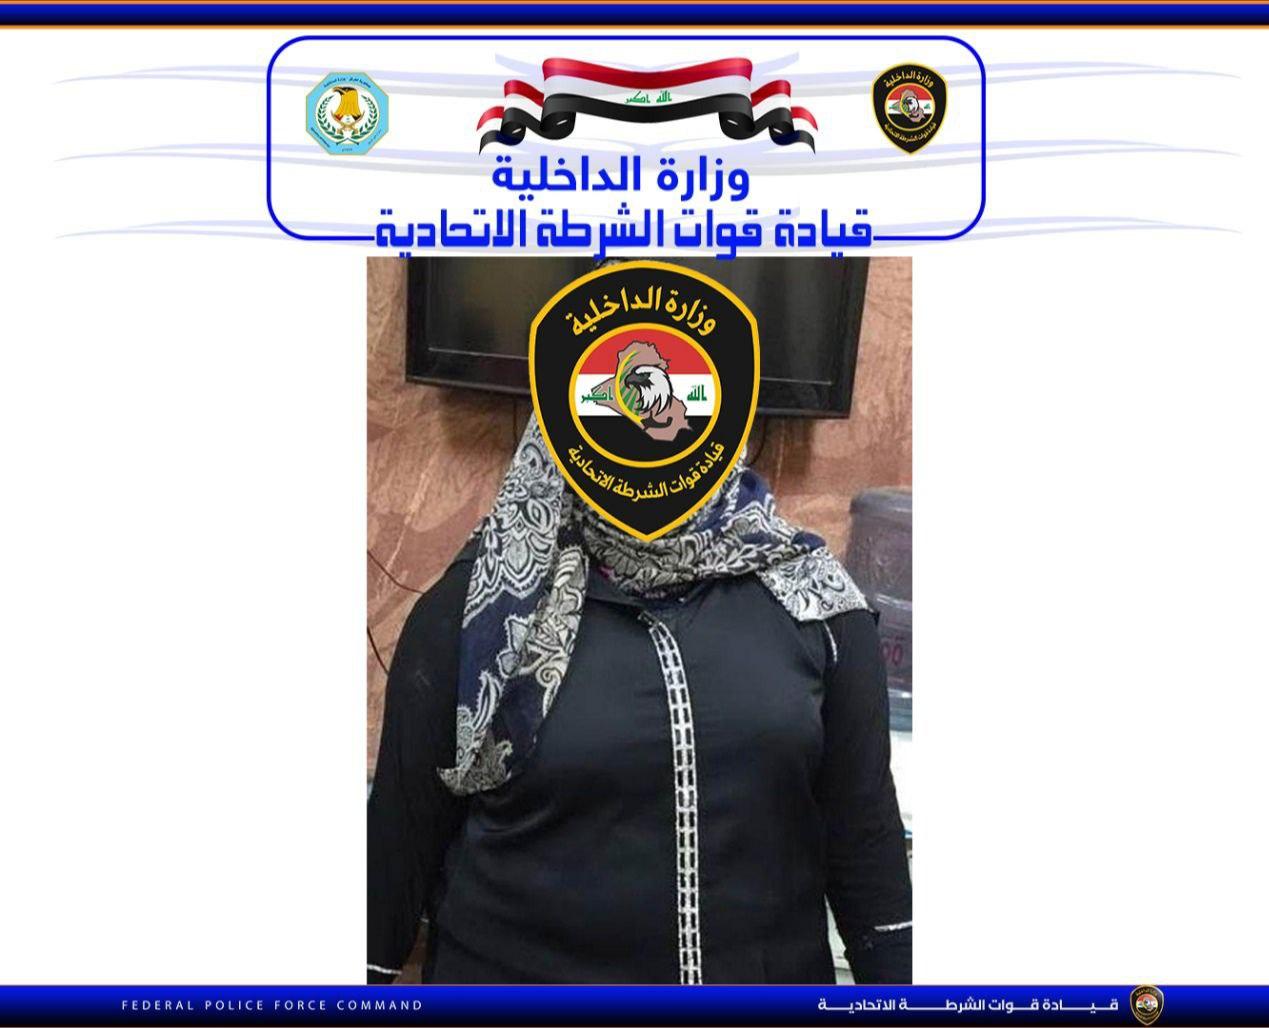 الشرطة الاتحادية تلقي القبض على امرأة متهمة بقضايا المخدرات جنوب شرق بغداد